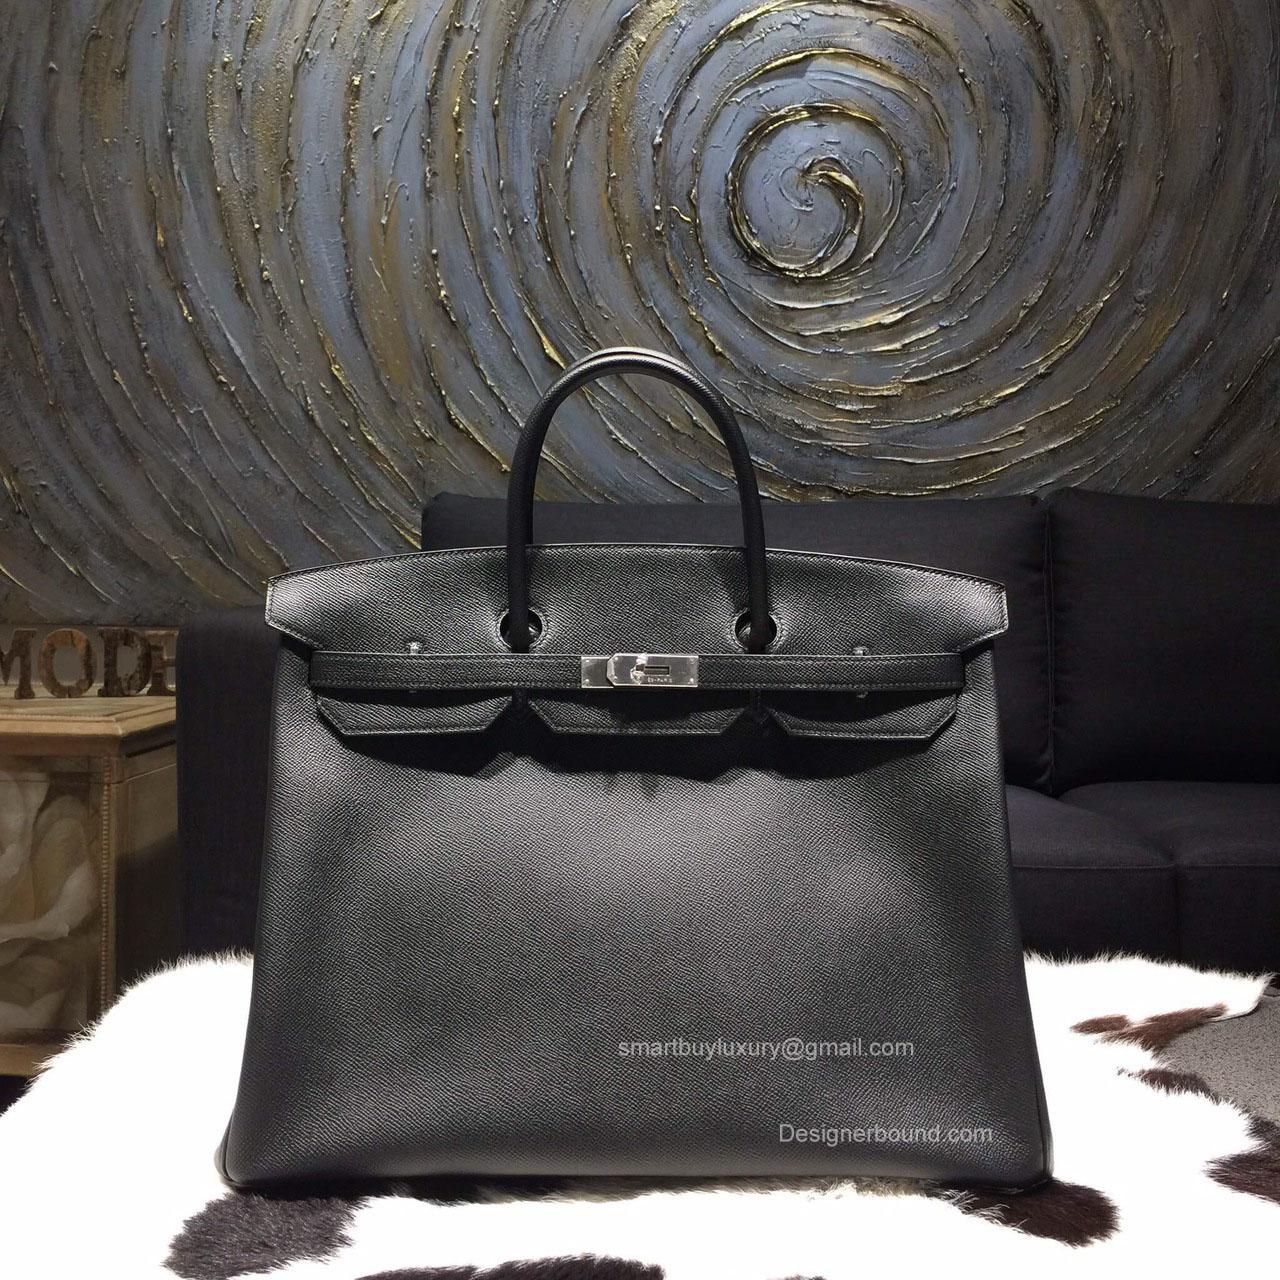 0229e9c1666 birkin bag replica for sale - Hermes Birkin 40 Black Epsom Leather Bag  Handstitched Silver hw